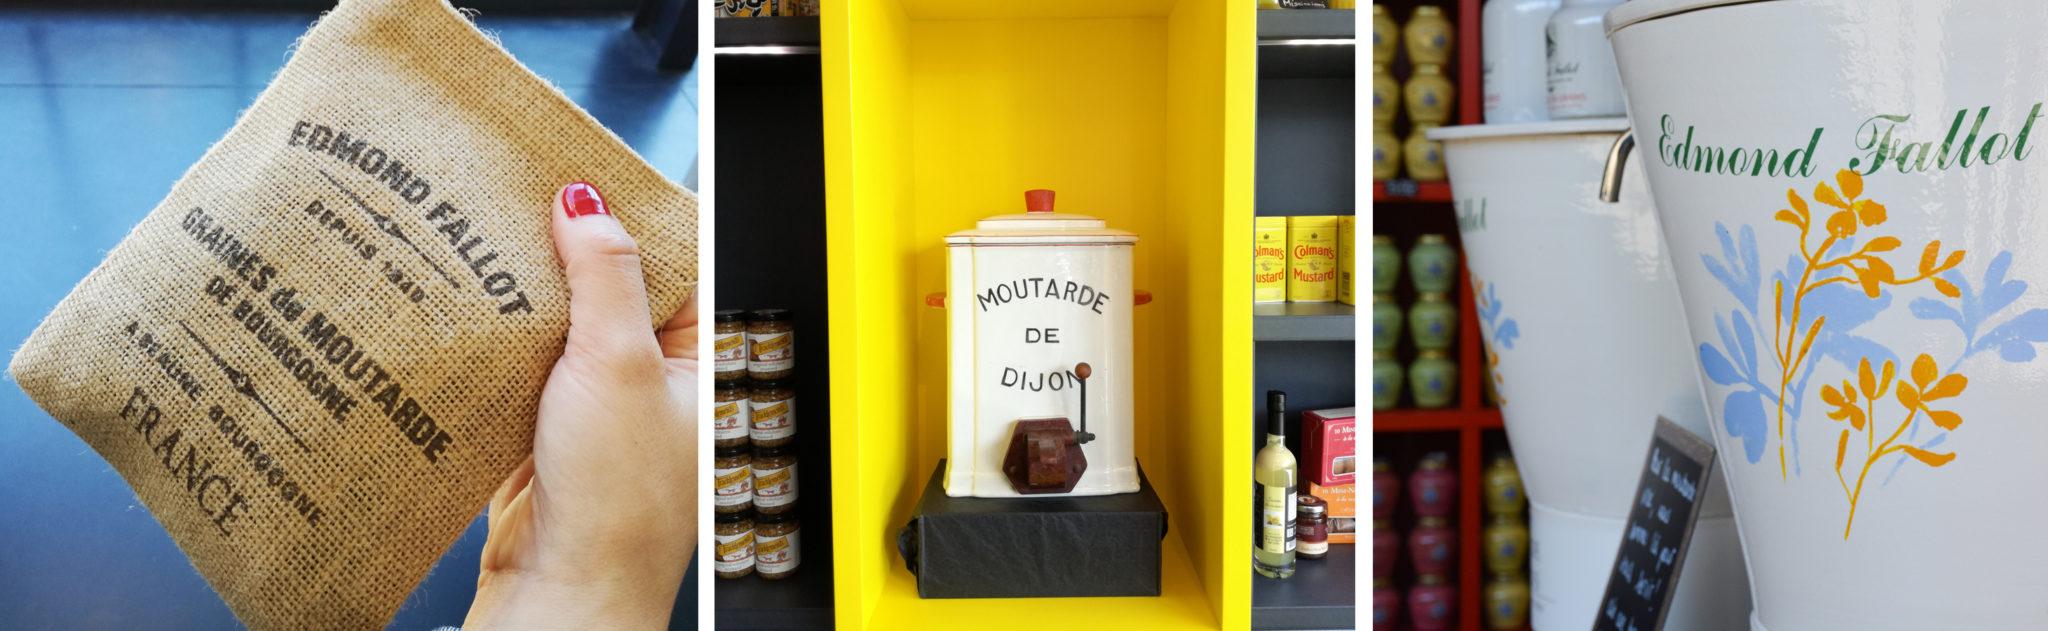 moutarde fallot bourgogne